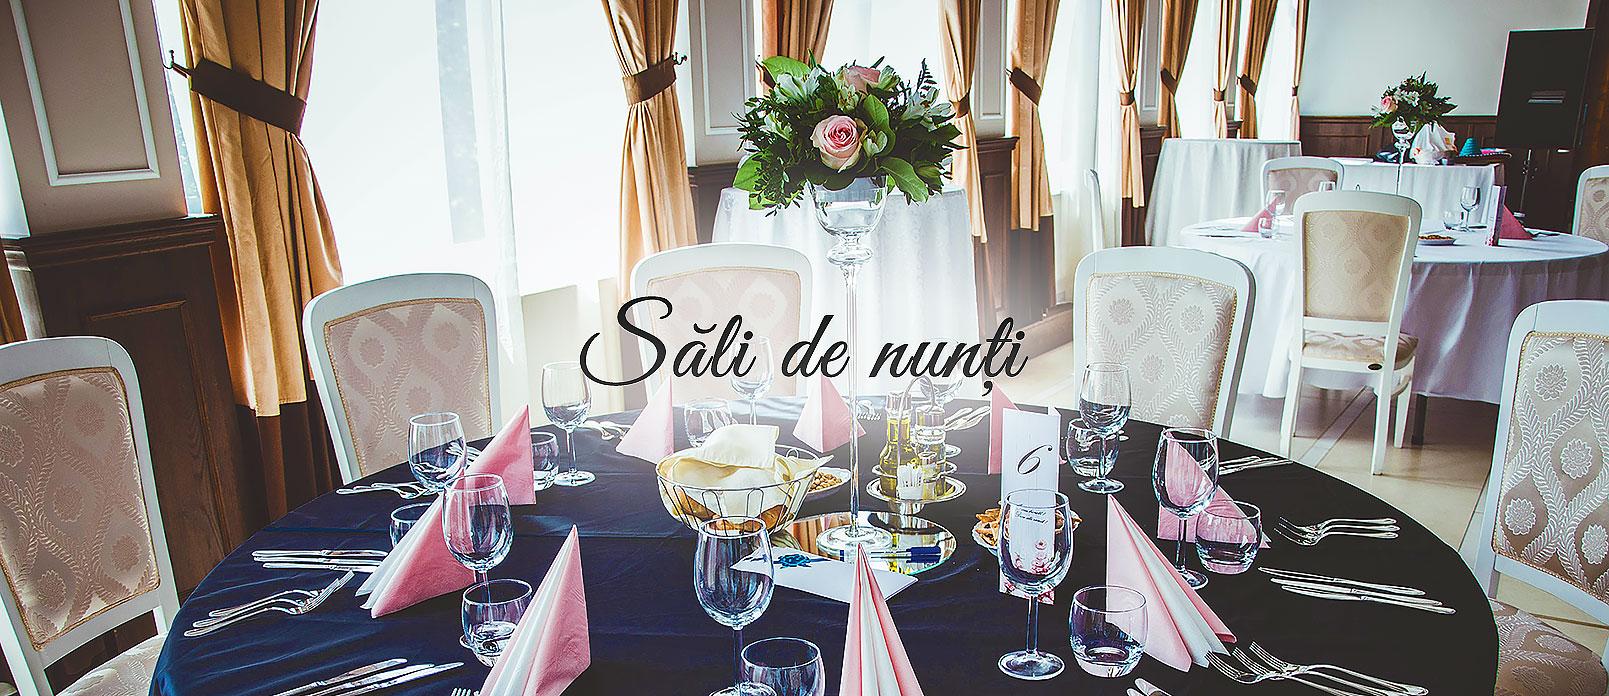 slide-1-sali-nunti